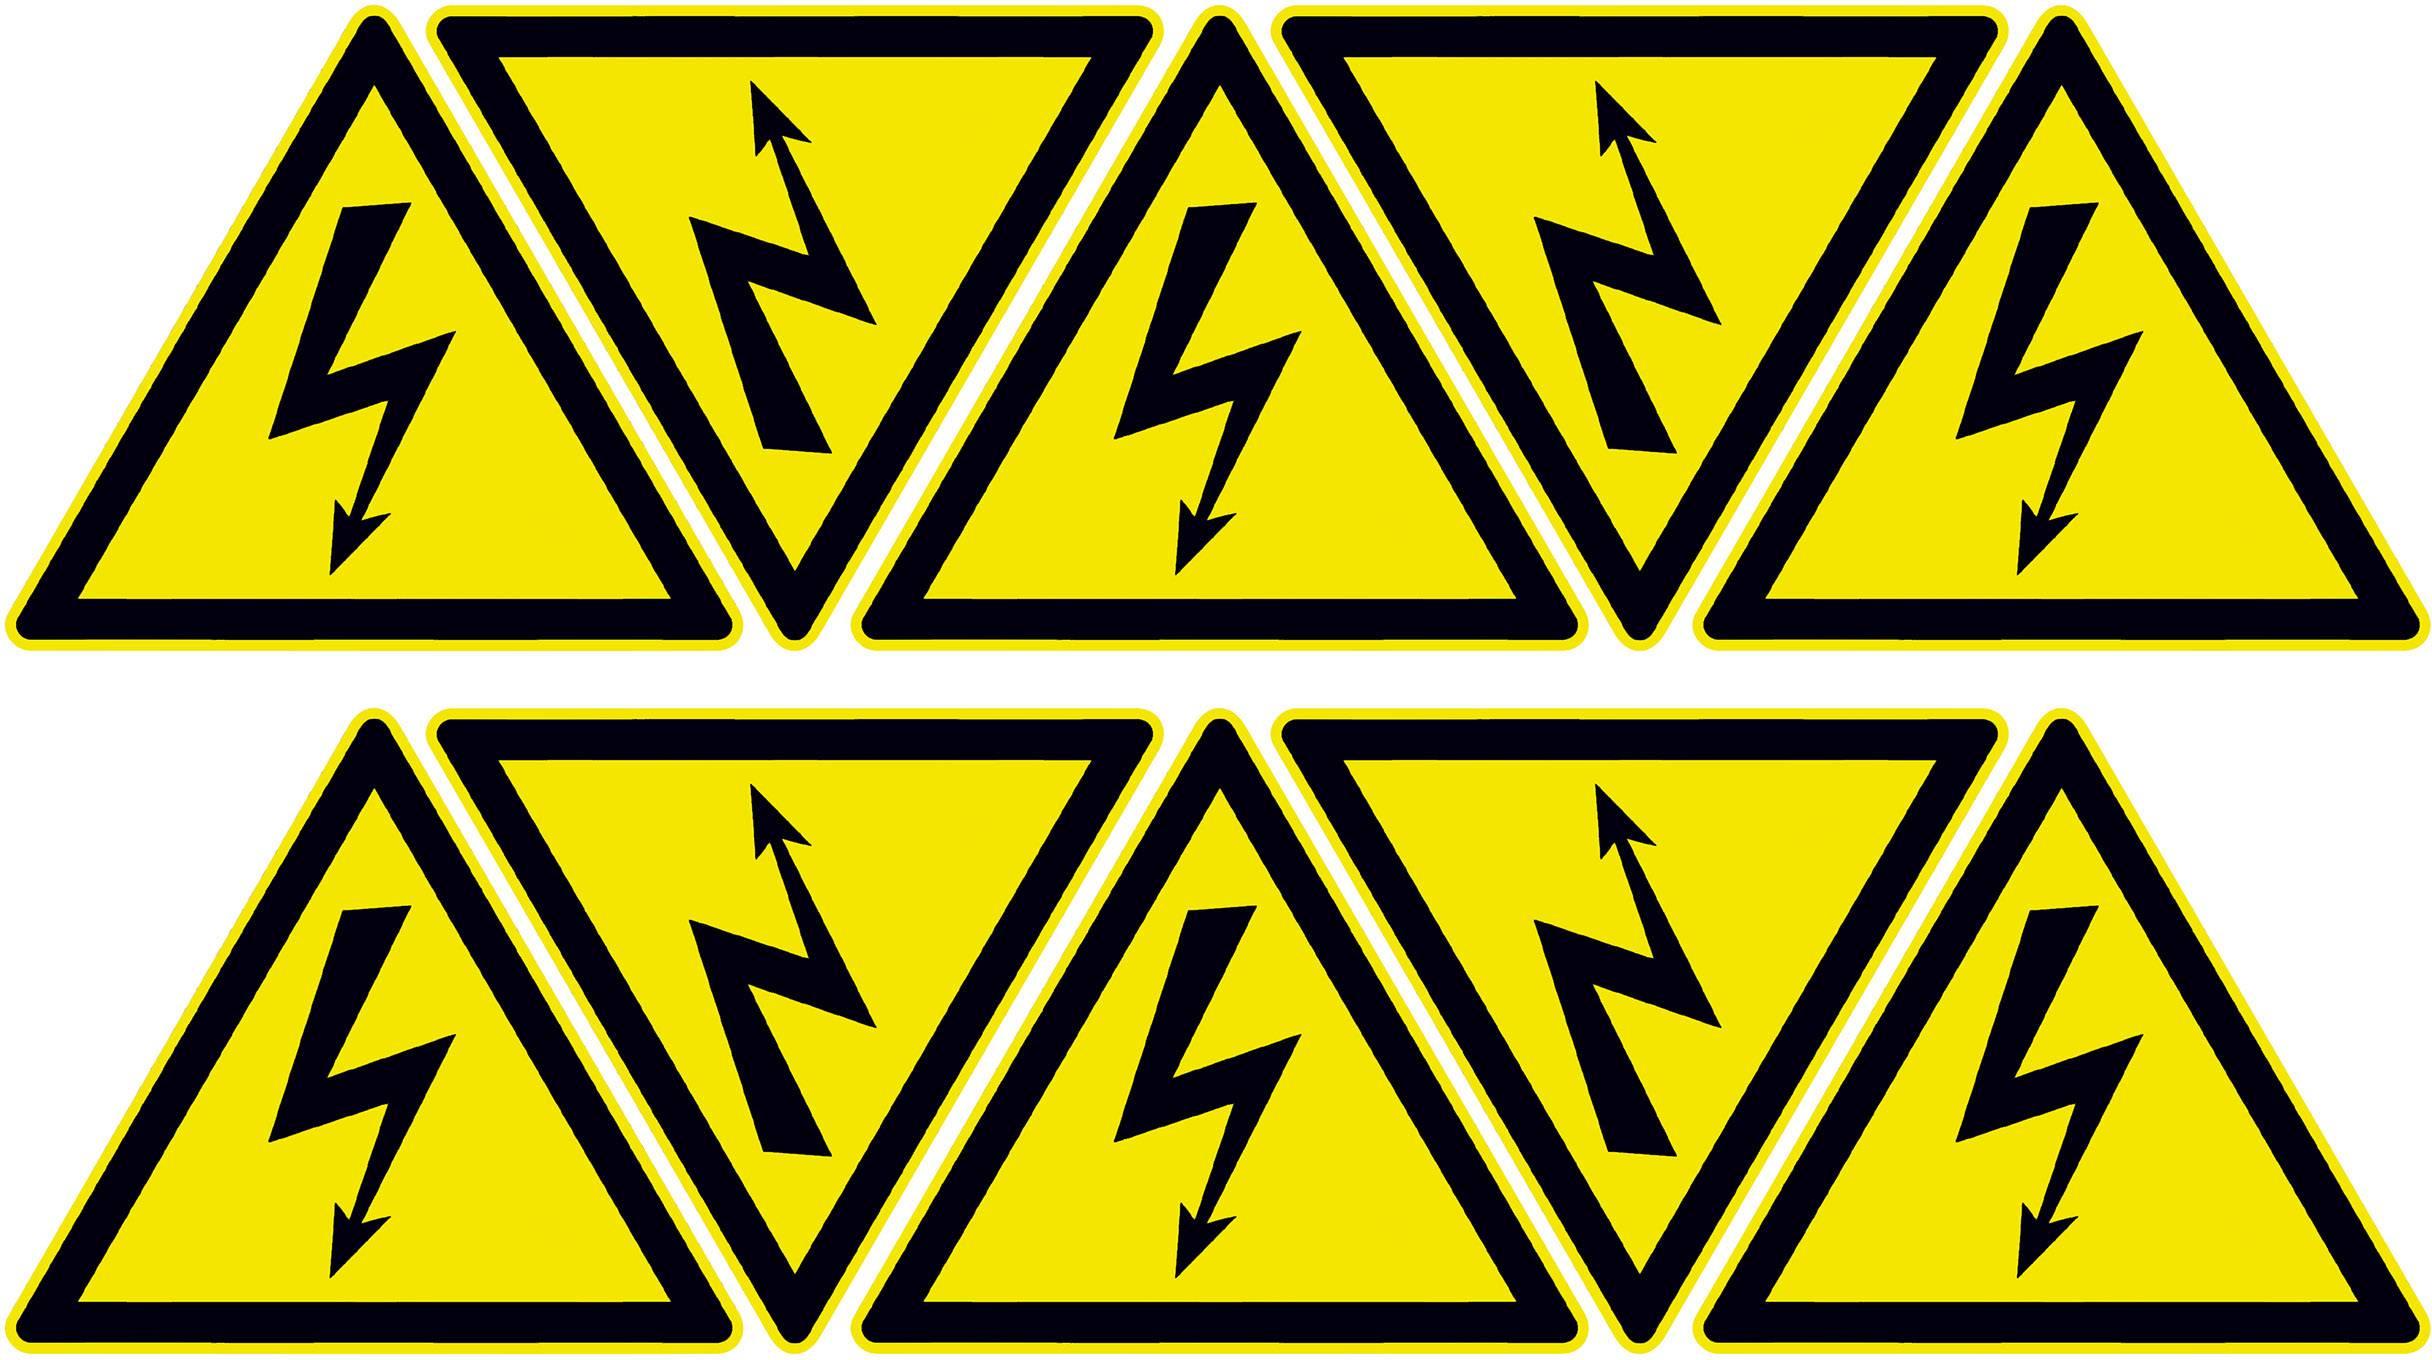 Výstraha - Riziko úrazu el. proudem, samolepky TE Connectivity ESSW 7-1768019-9, Vnější šířka 25 mm